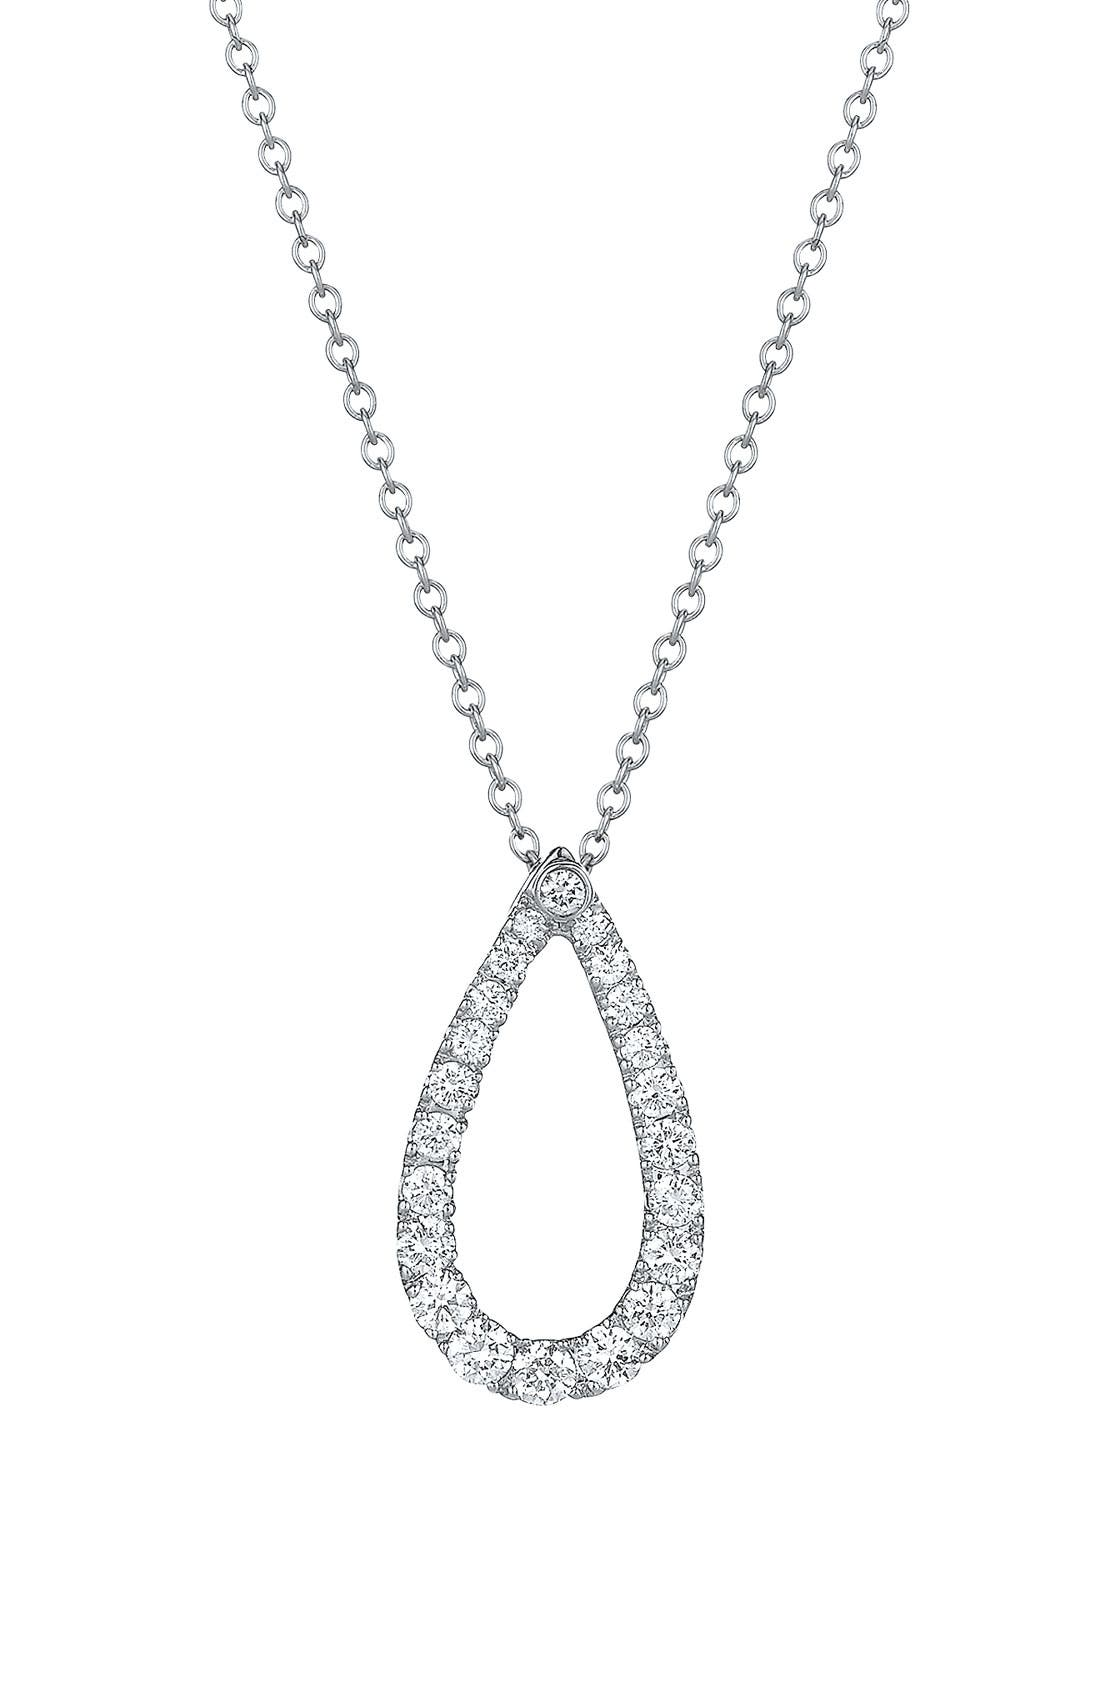 Alternate Image 1 Selected - Kwiat 'Contorno' Teardrop Diamond Pendant Necklace